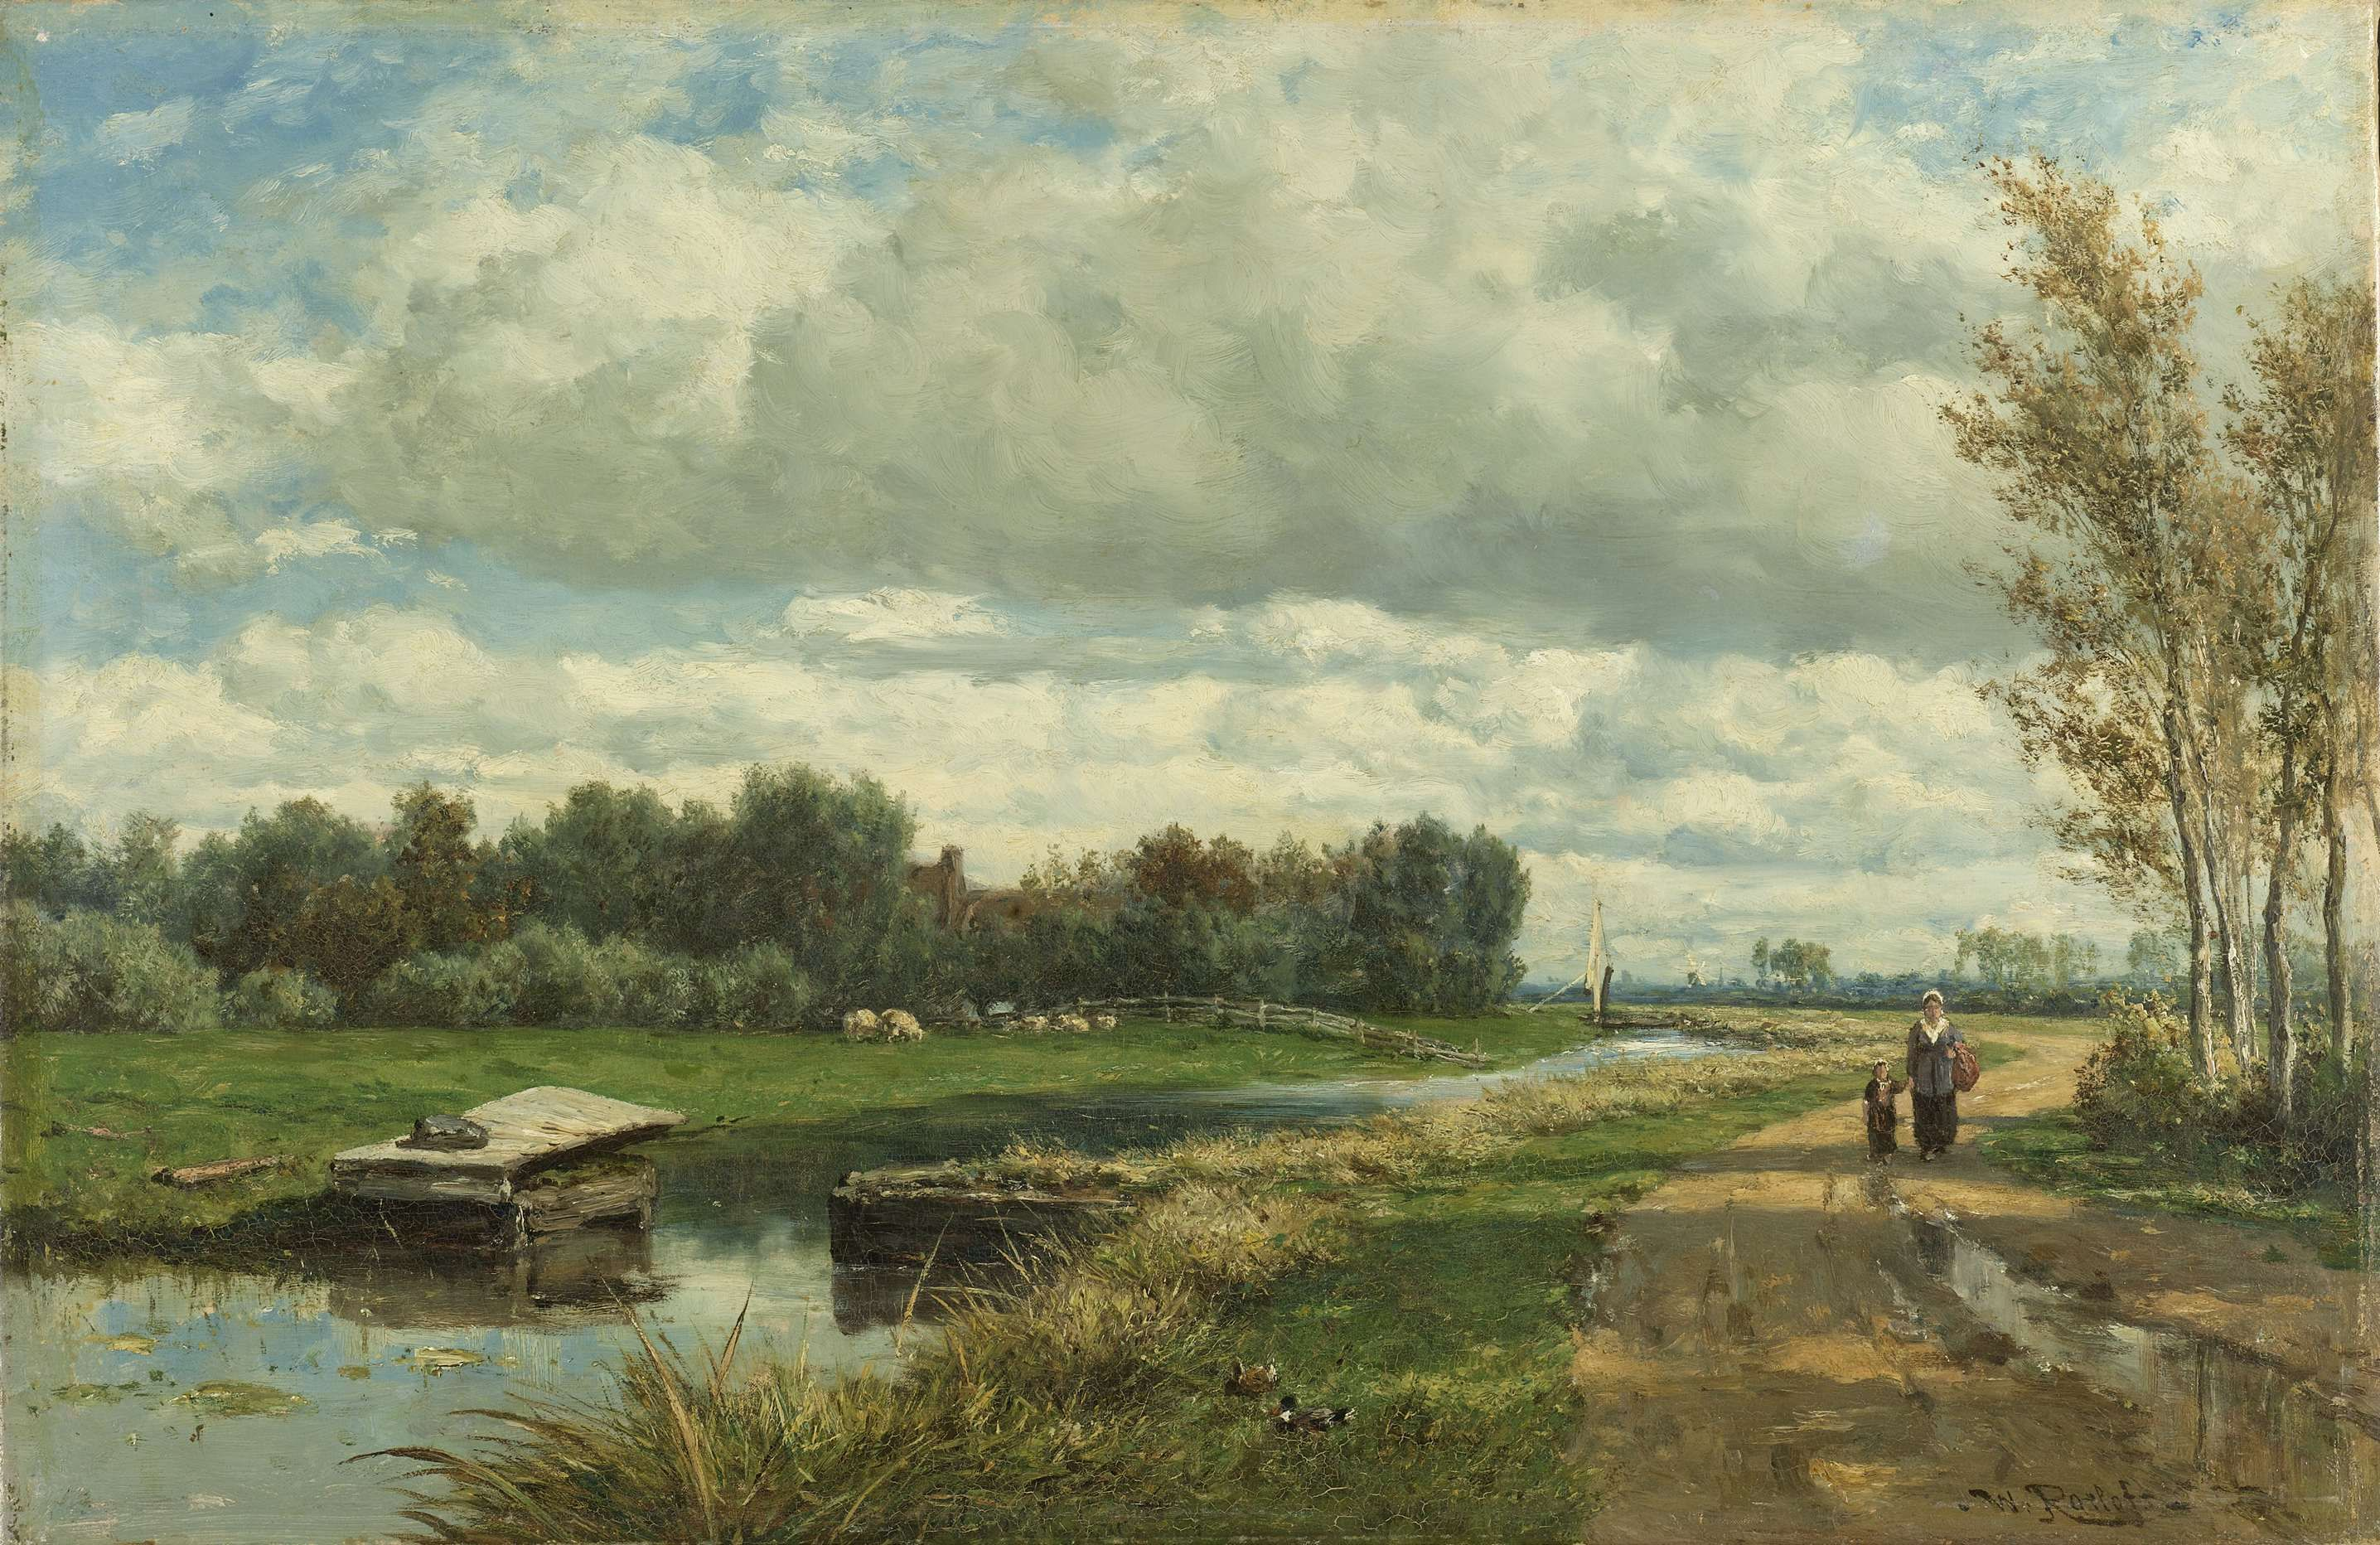 Landschap In De Omgeving Van Den Haag Willem Roelofs I